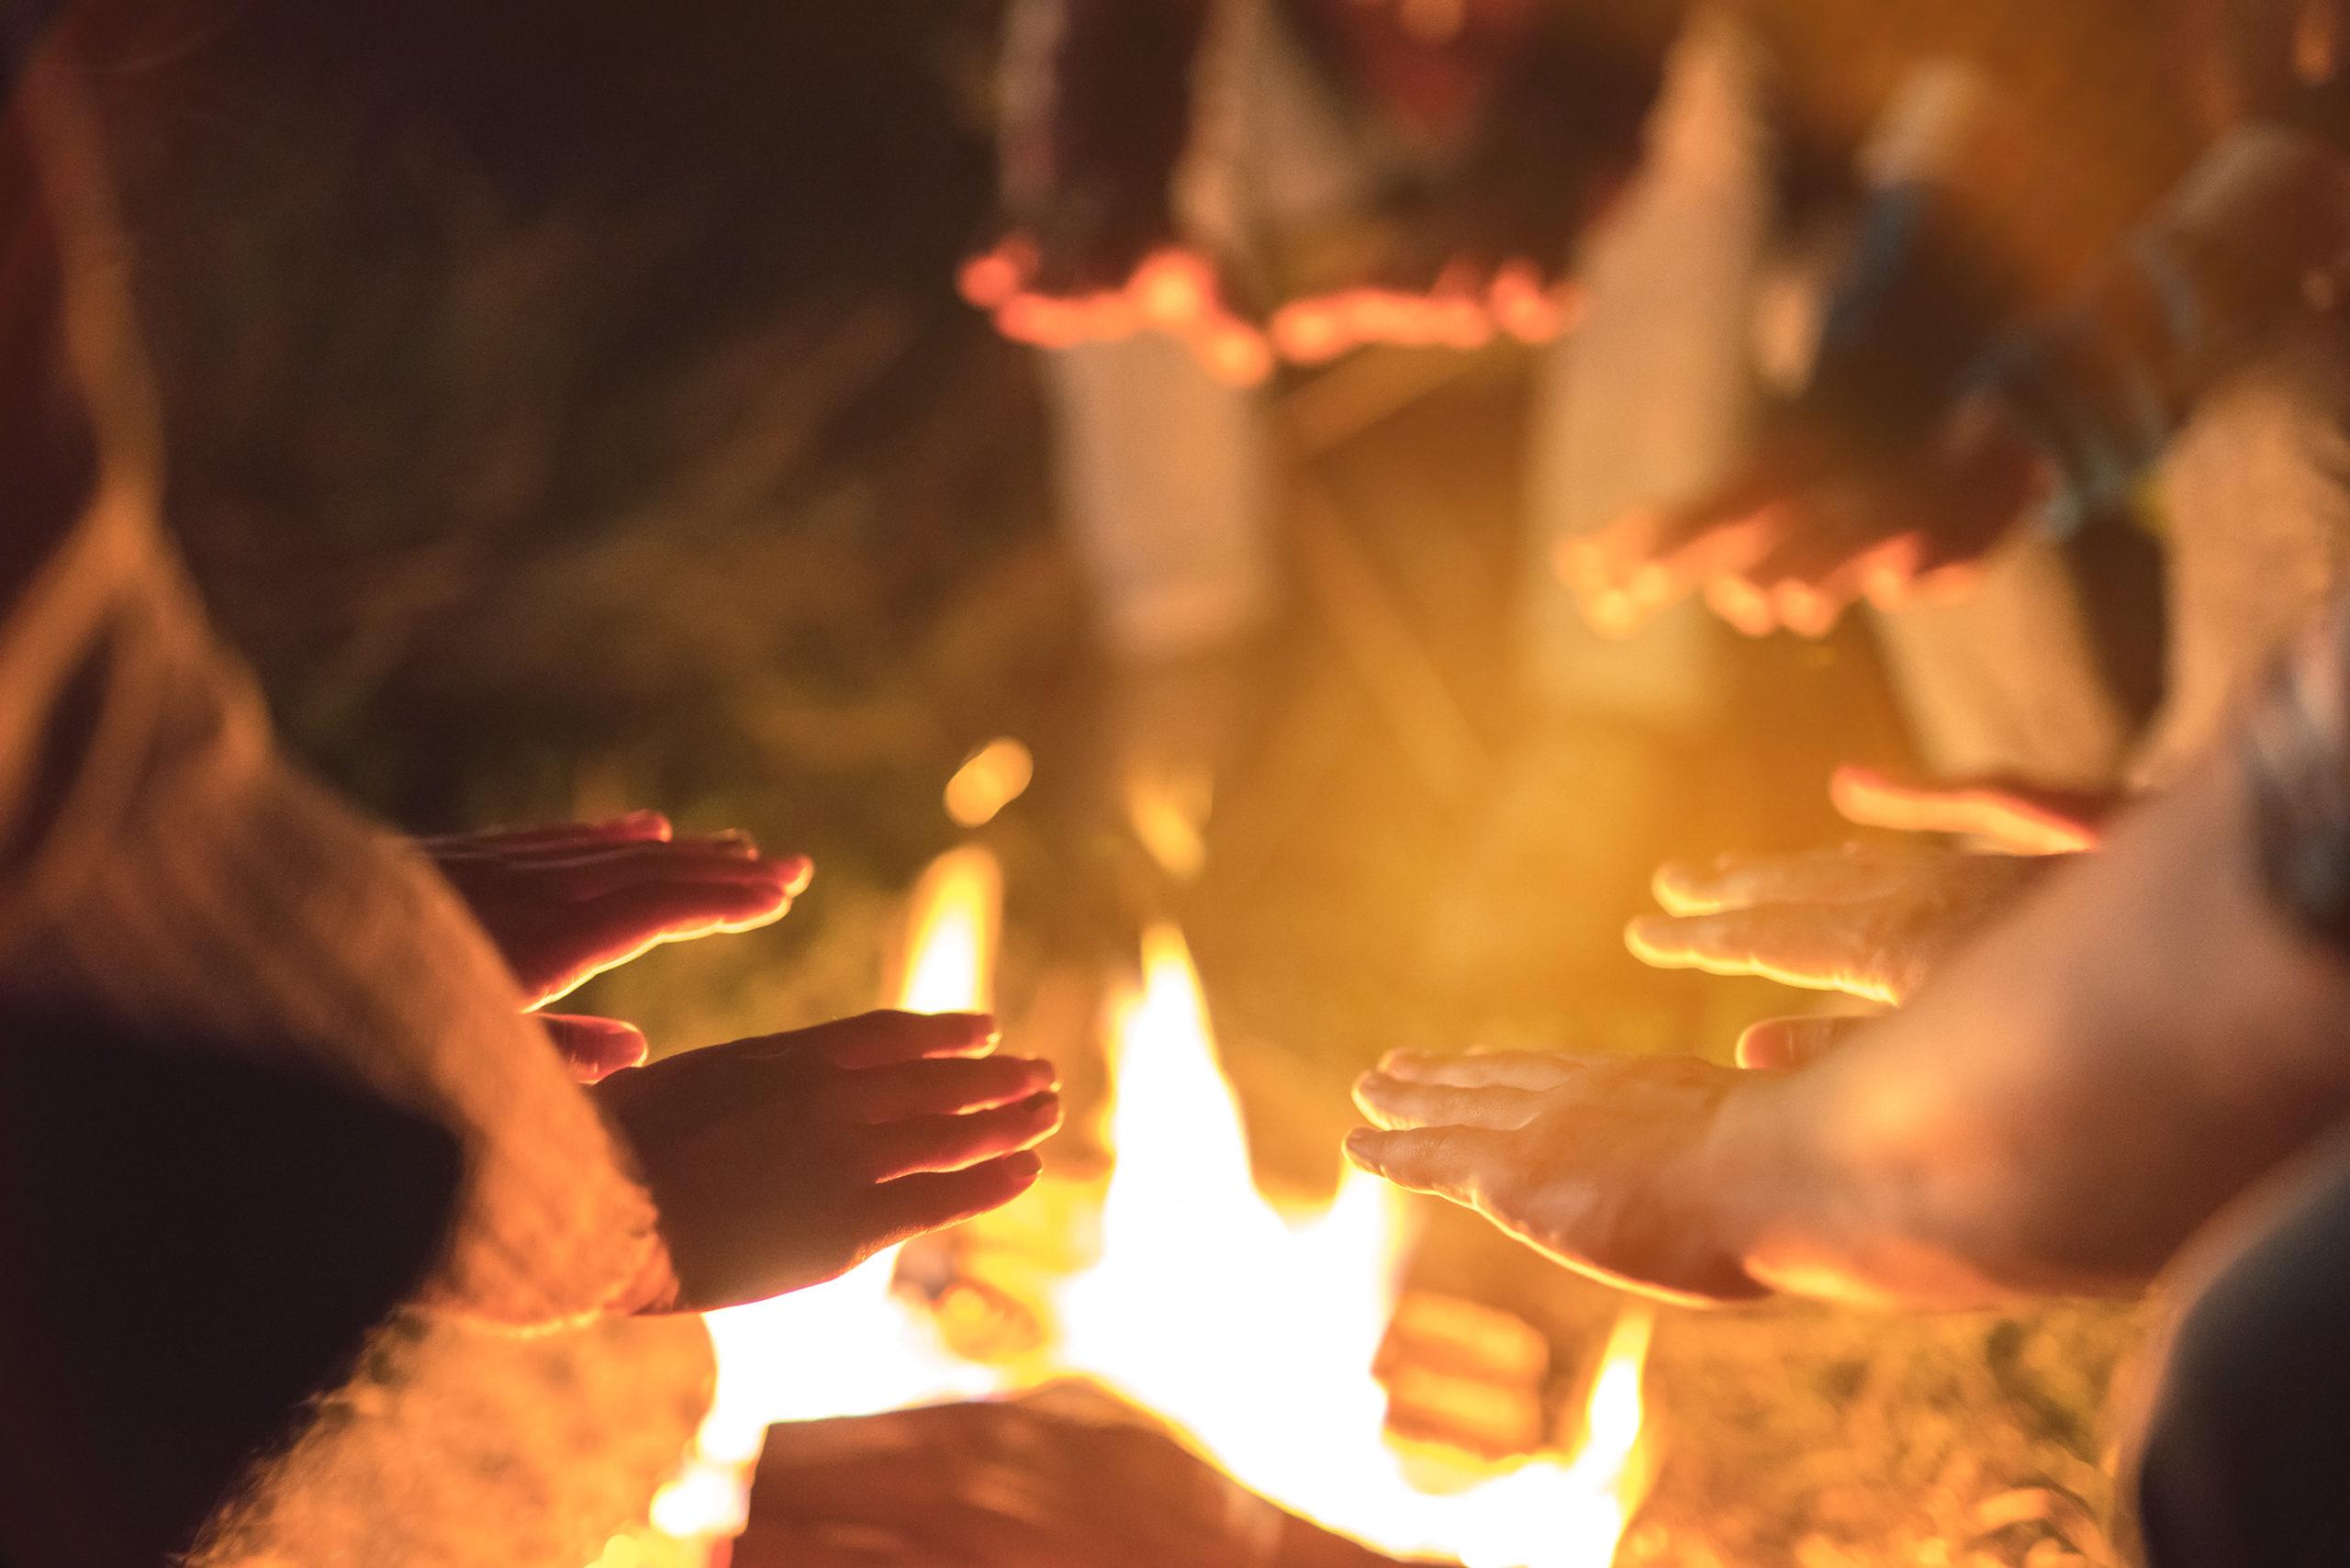 Mains auprès du feu pour une entreprise libérée